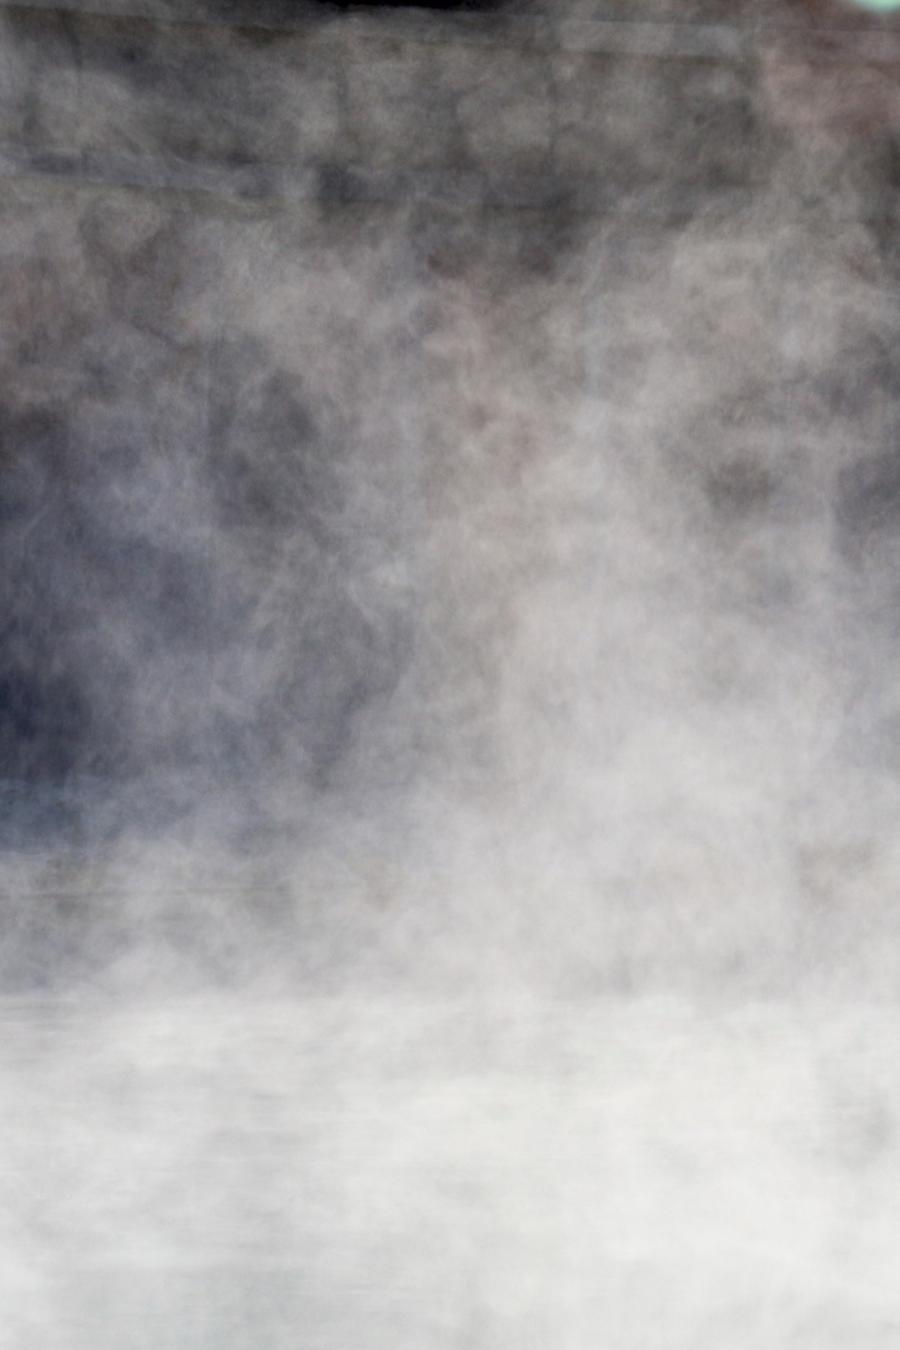 agua vapor